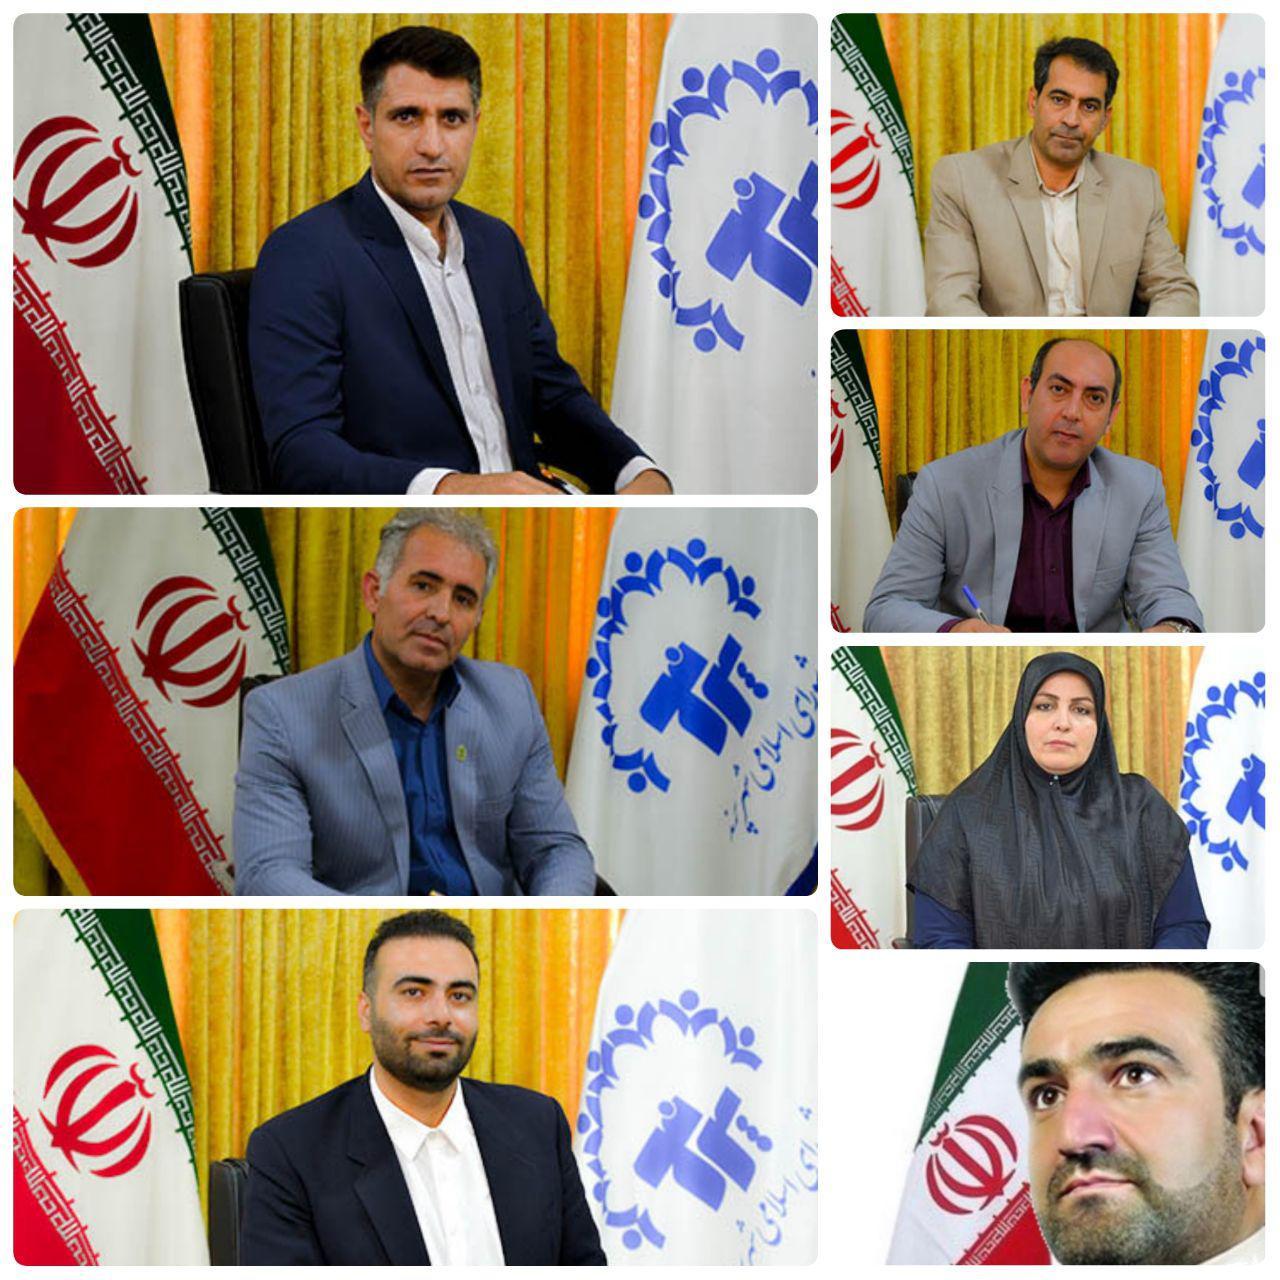 انتخاب هیات رئیسه جدید شورای اسلامی شهر پرند